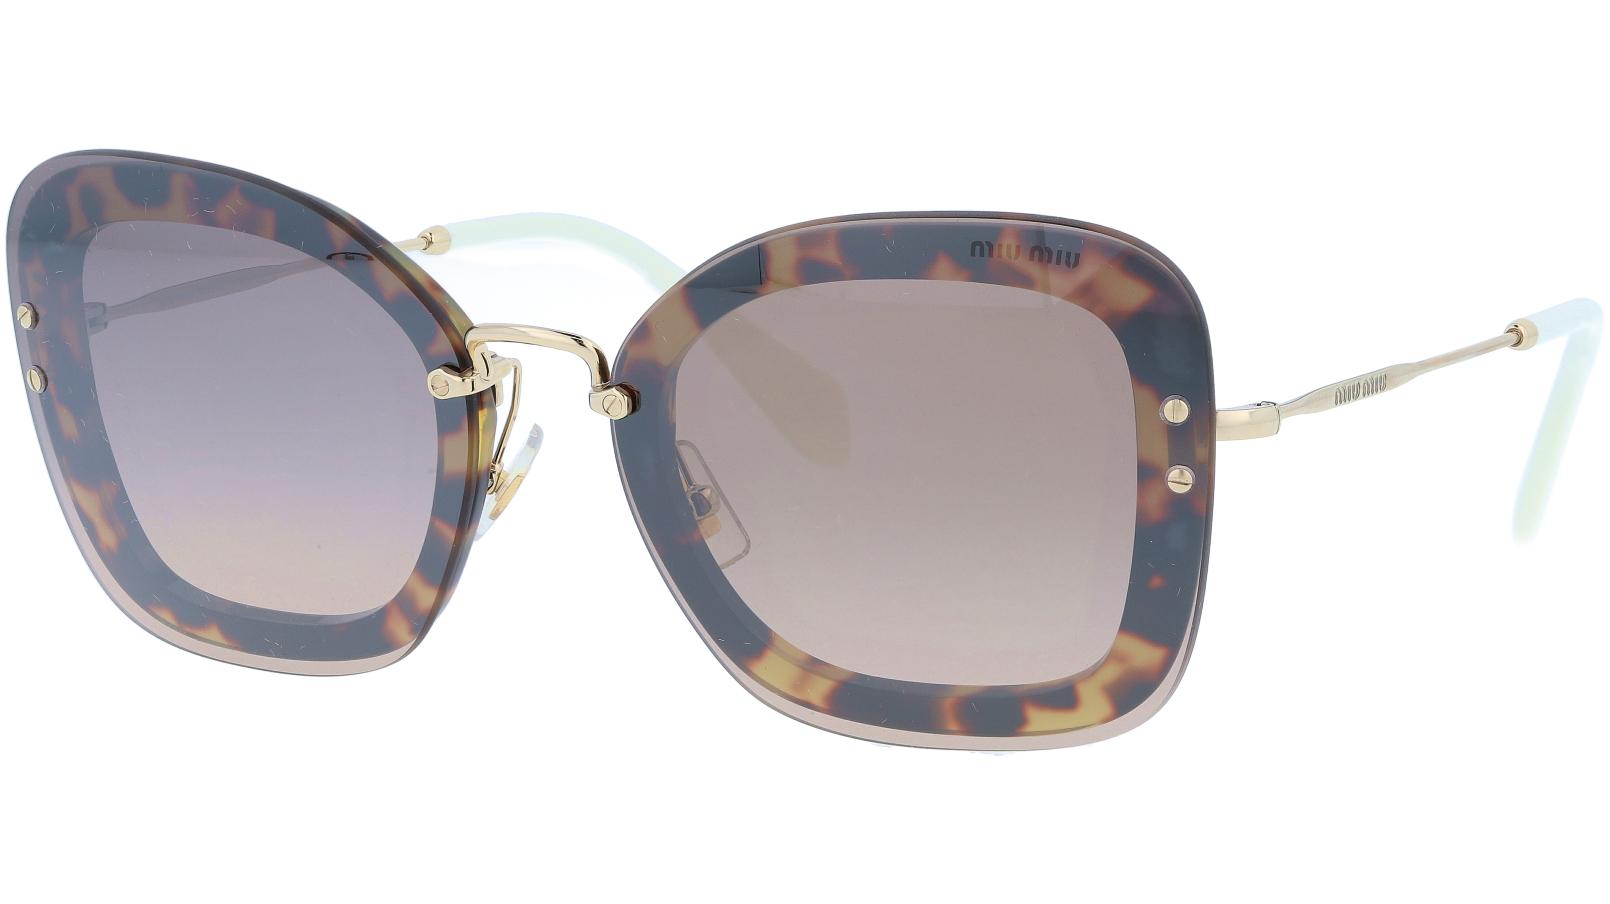 Miu Miu MU02TS 7S04P0 65 Havana Cat-Eye Sunglasses